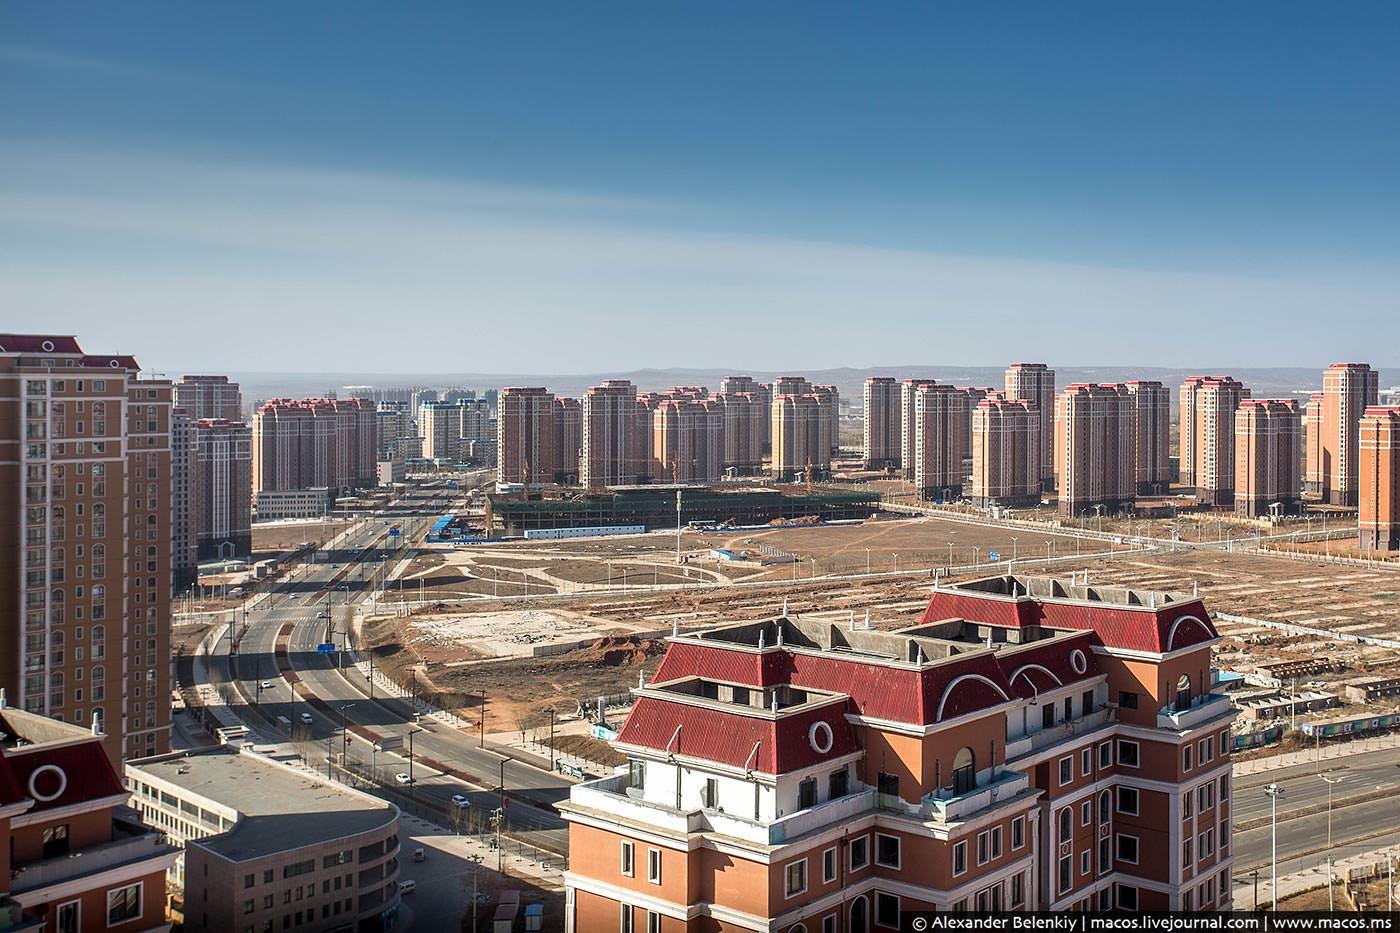 Фотографии местности города торжка проволоки